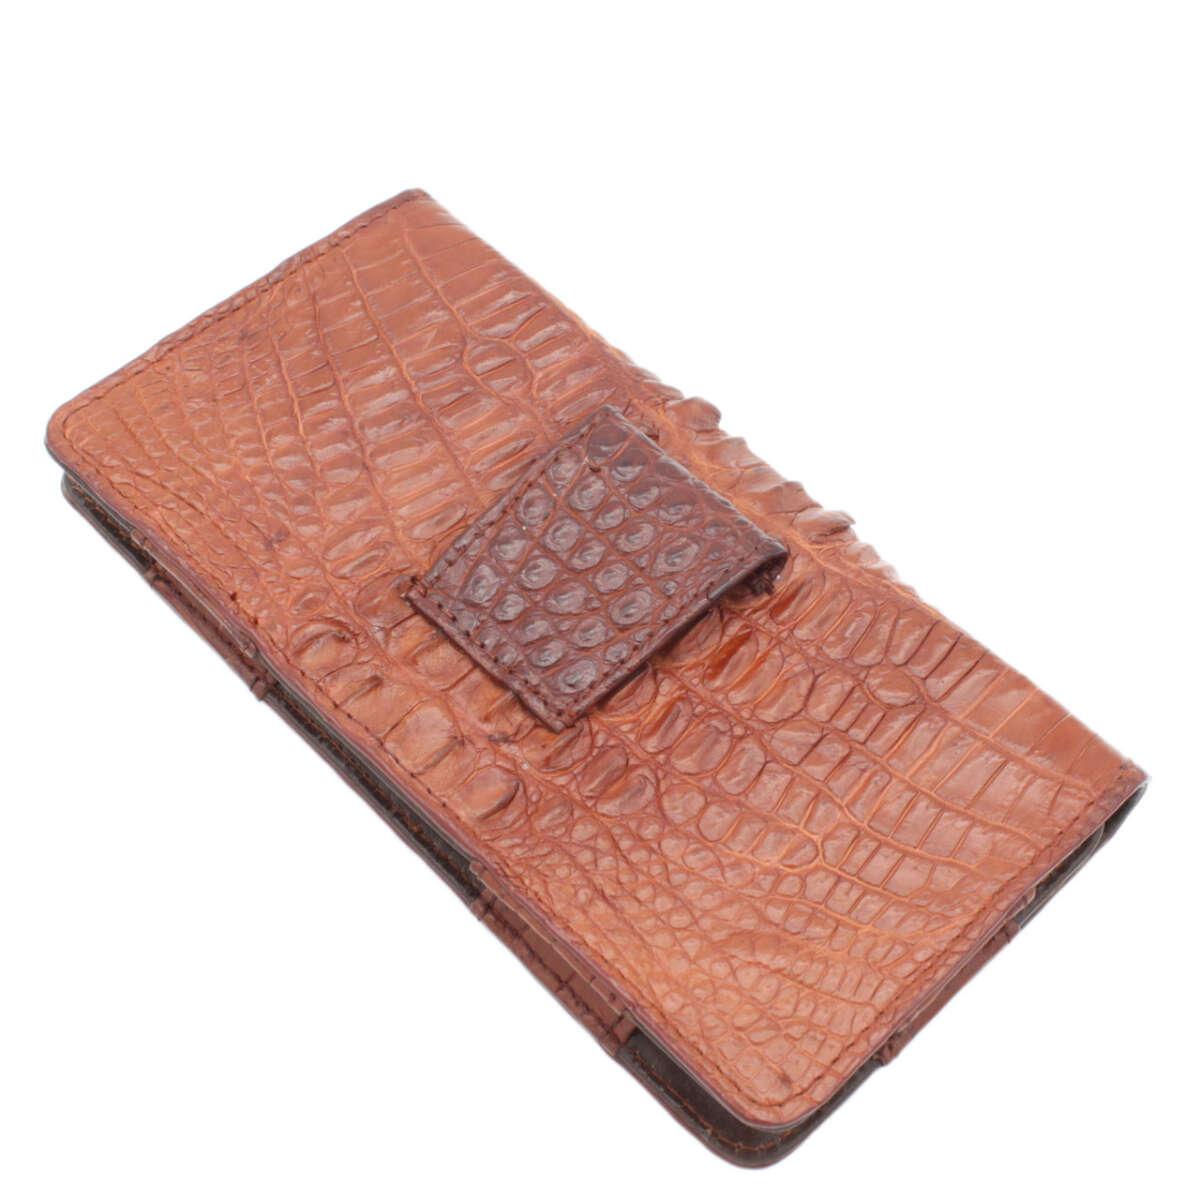 Bao điện thoại đeo lưng iphone 6/7/8 plus da cá sấu S1005a